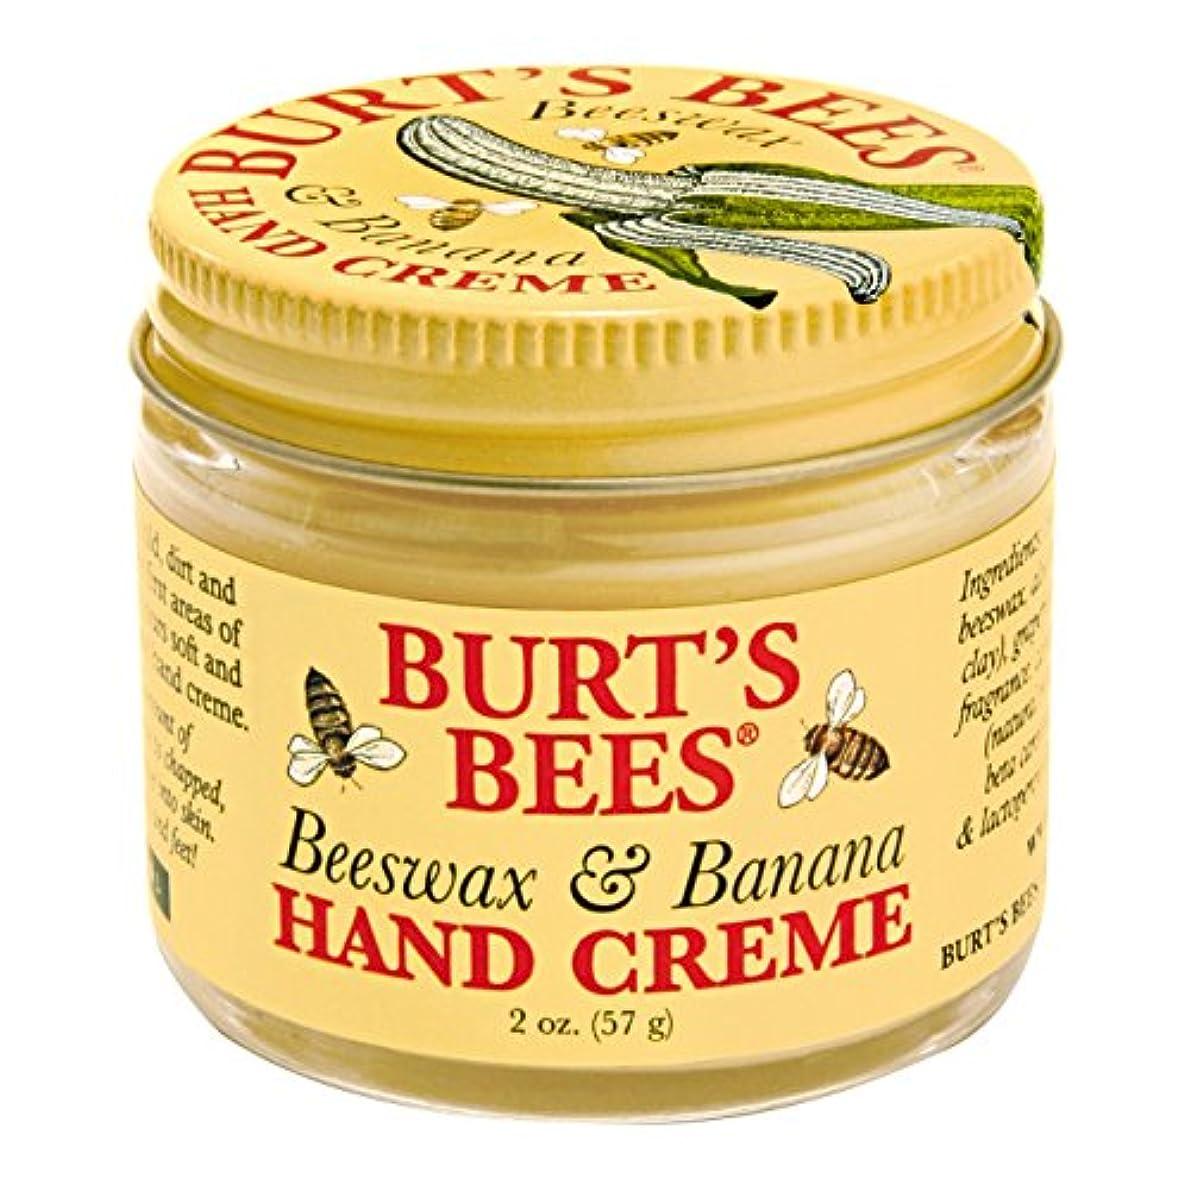 海峡ひもハンディキャップキャロラインバーツビーの蜜蝋&バナナハンドクリーム57グラム (Burt's Bees) - Burt's Bees Beeswax & Banana Hand Creme 57g [並行輸入品]